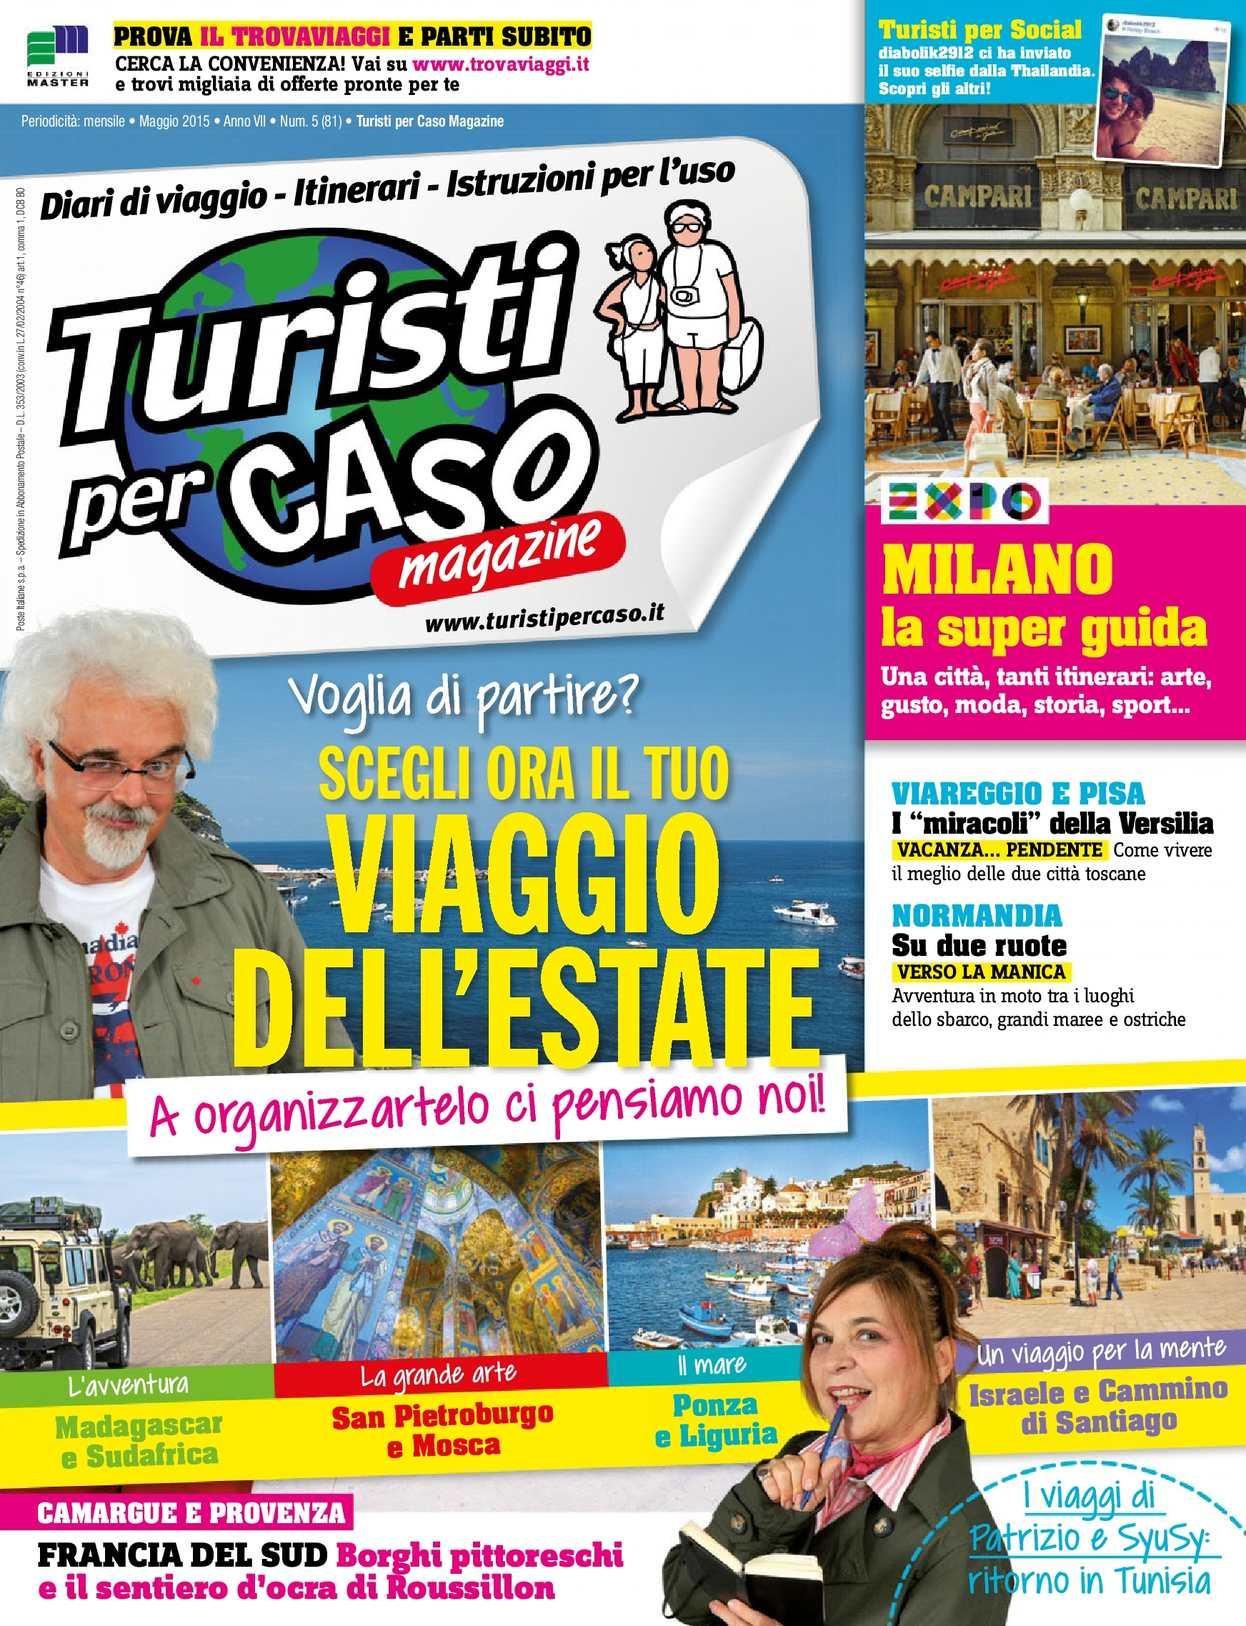 Calaméo - Turisti Per Caso 05 15 c4726cc7158f